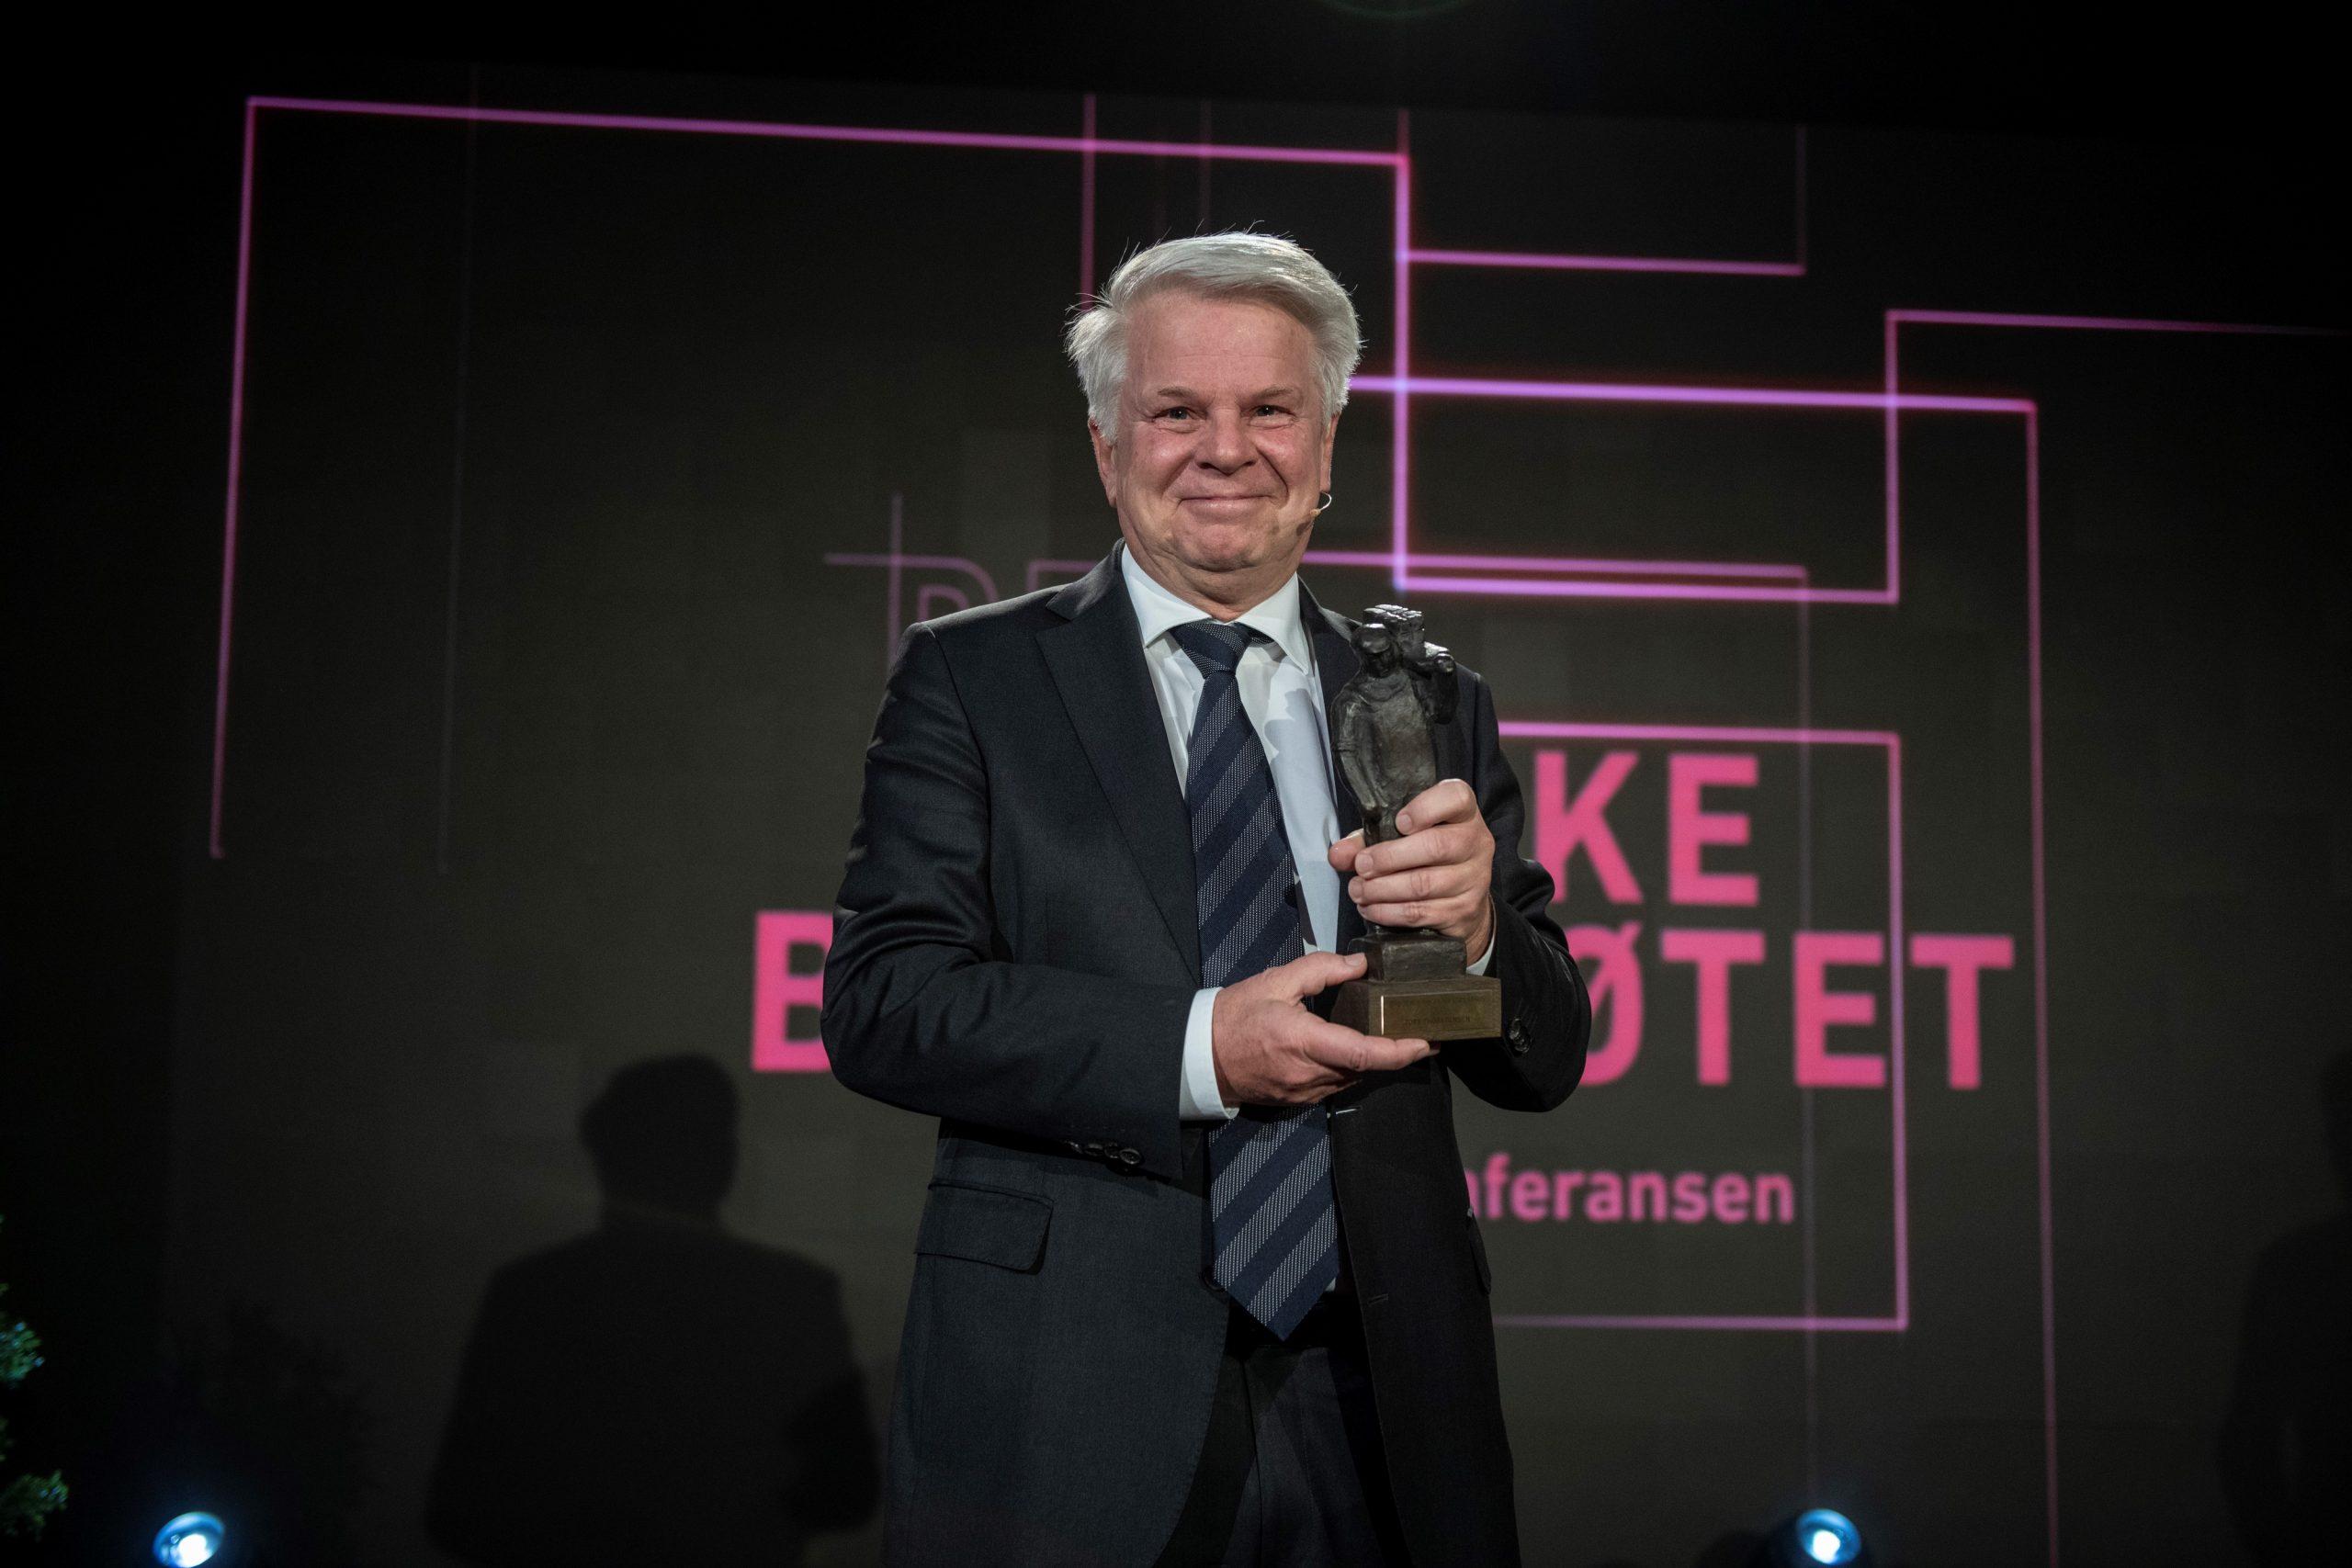 Tore Thorstensen_ Prisvinner